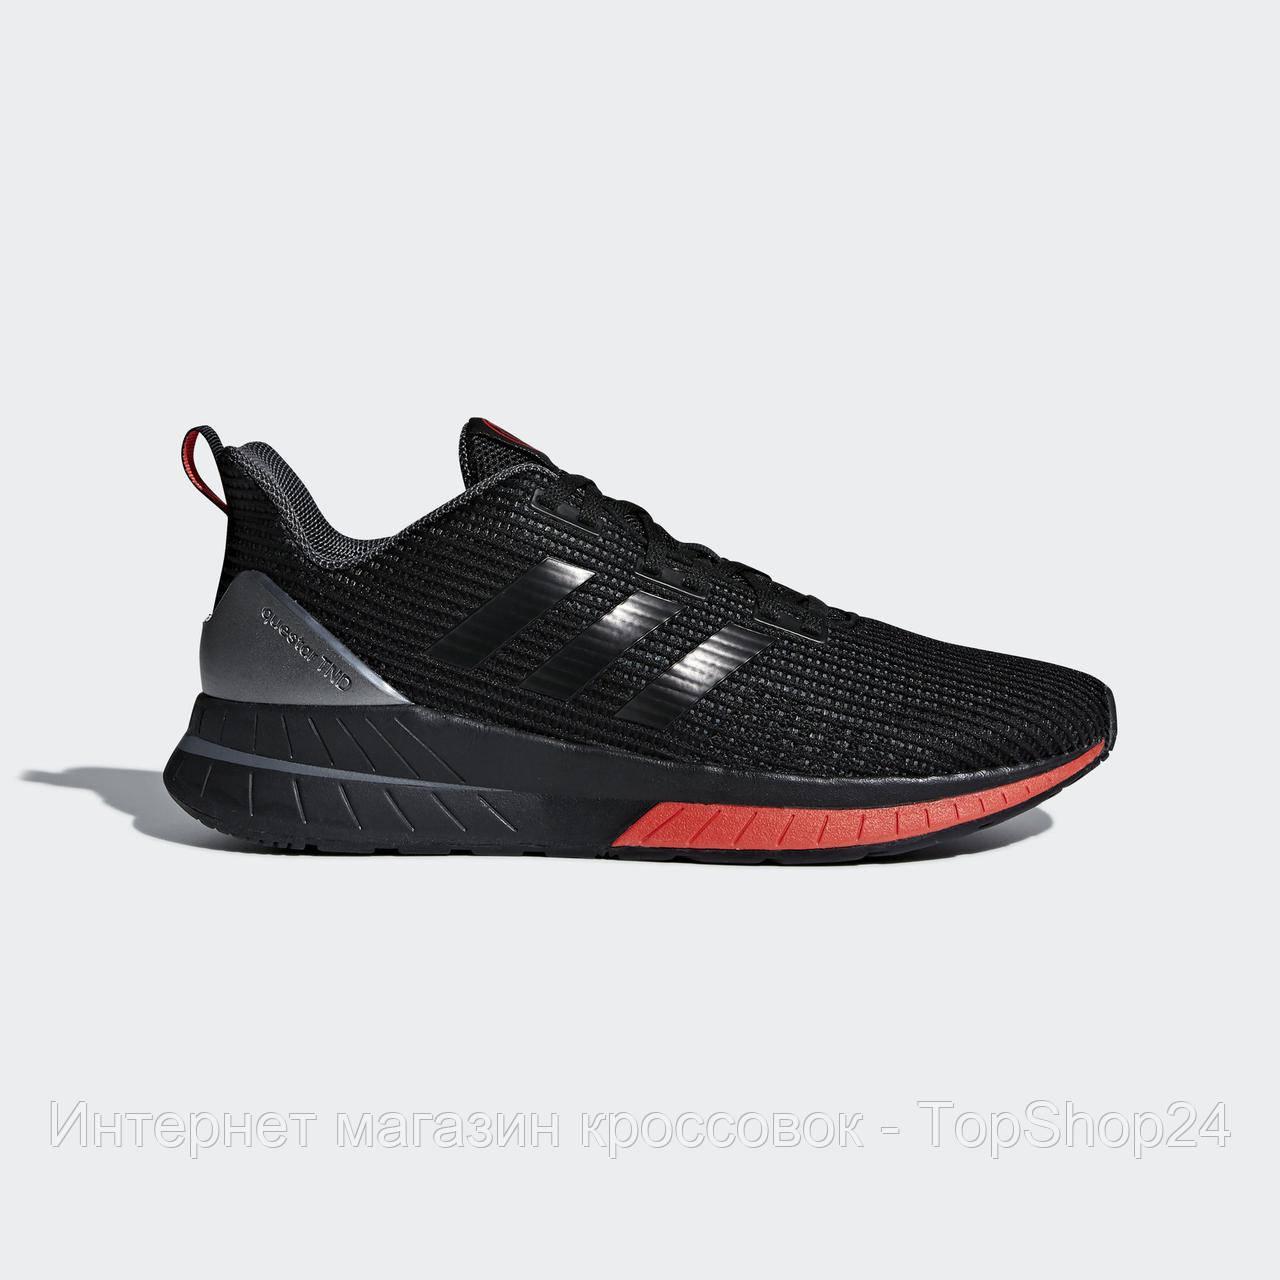 Кроссовки Adidas Questar TND DB2543